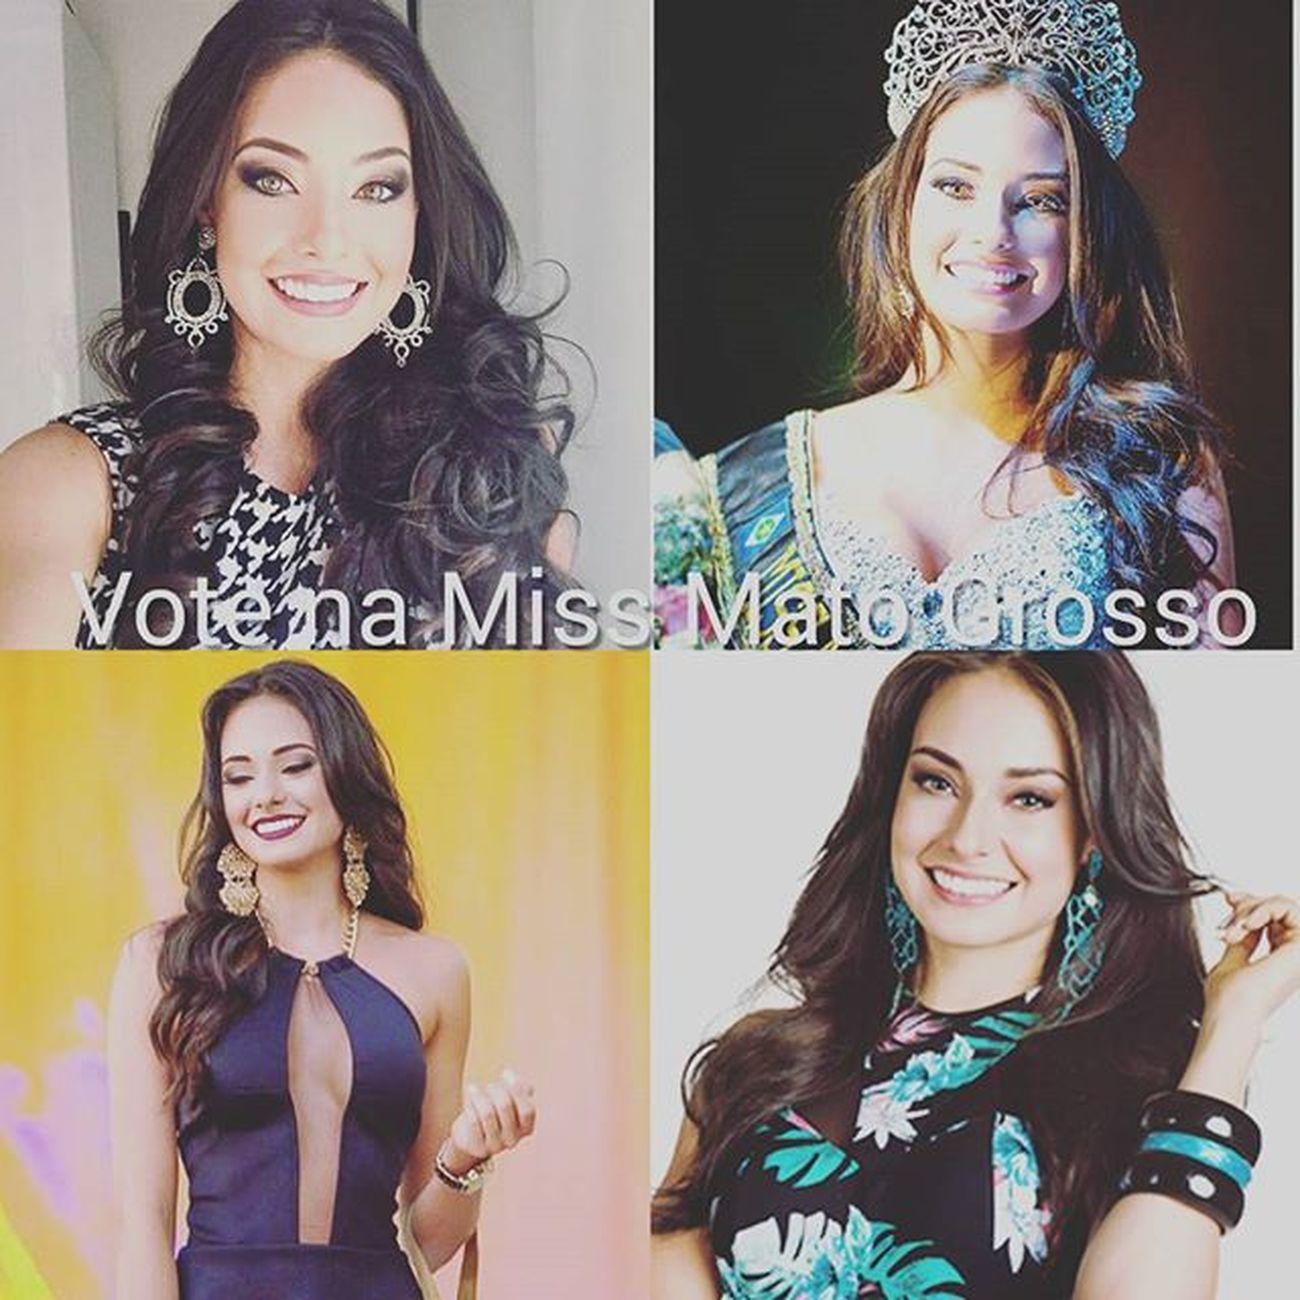 Pessoal, vamos votar na nossa lindíssima Miss Mato Grosso @camilladvo no concurso Miss Brasil!! O link pra votação vai estar na biografia do nosso insta! Vamos lá galera, mostrem a força do nosso Mato Grosso!!! 💪🏻👊🏻👑👑 Use : MatoGrosso_Brasil ______________________ Matogrosso MissBrasil MissMatoGrosso DestinosTuristicosMT VejaMatoGrosso MtcomVc Brasil Brasilbr55 CentroOeste IloveBrazil VisitBrazil BrasilSensacional Brazil Bresil  Brasilien